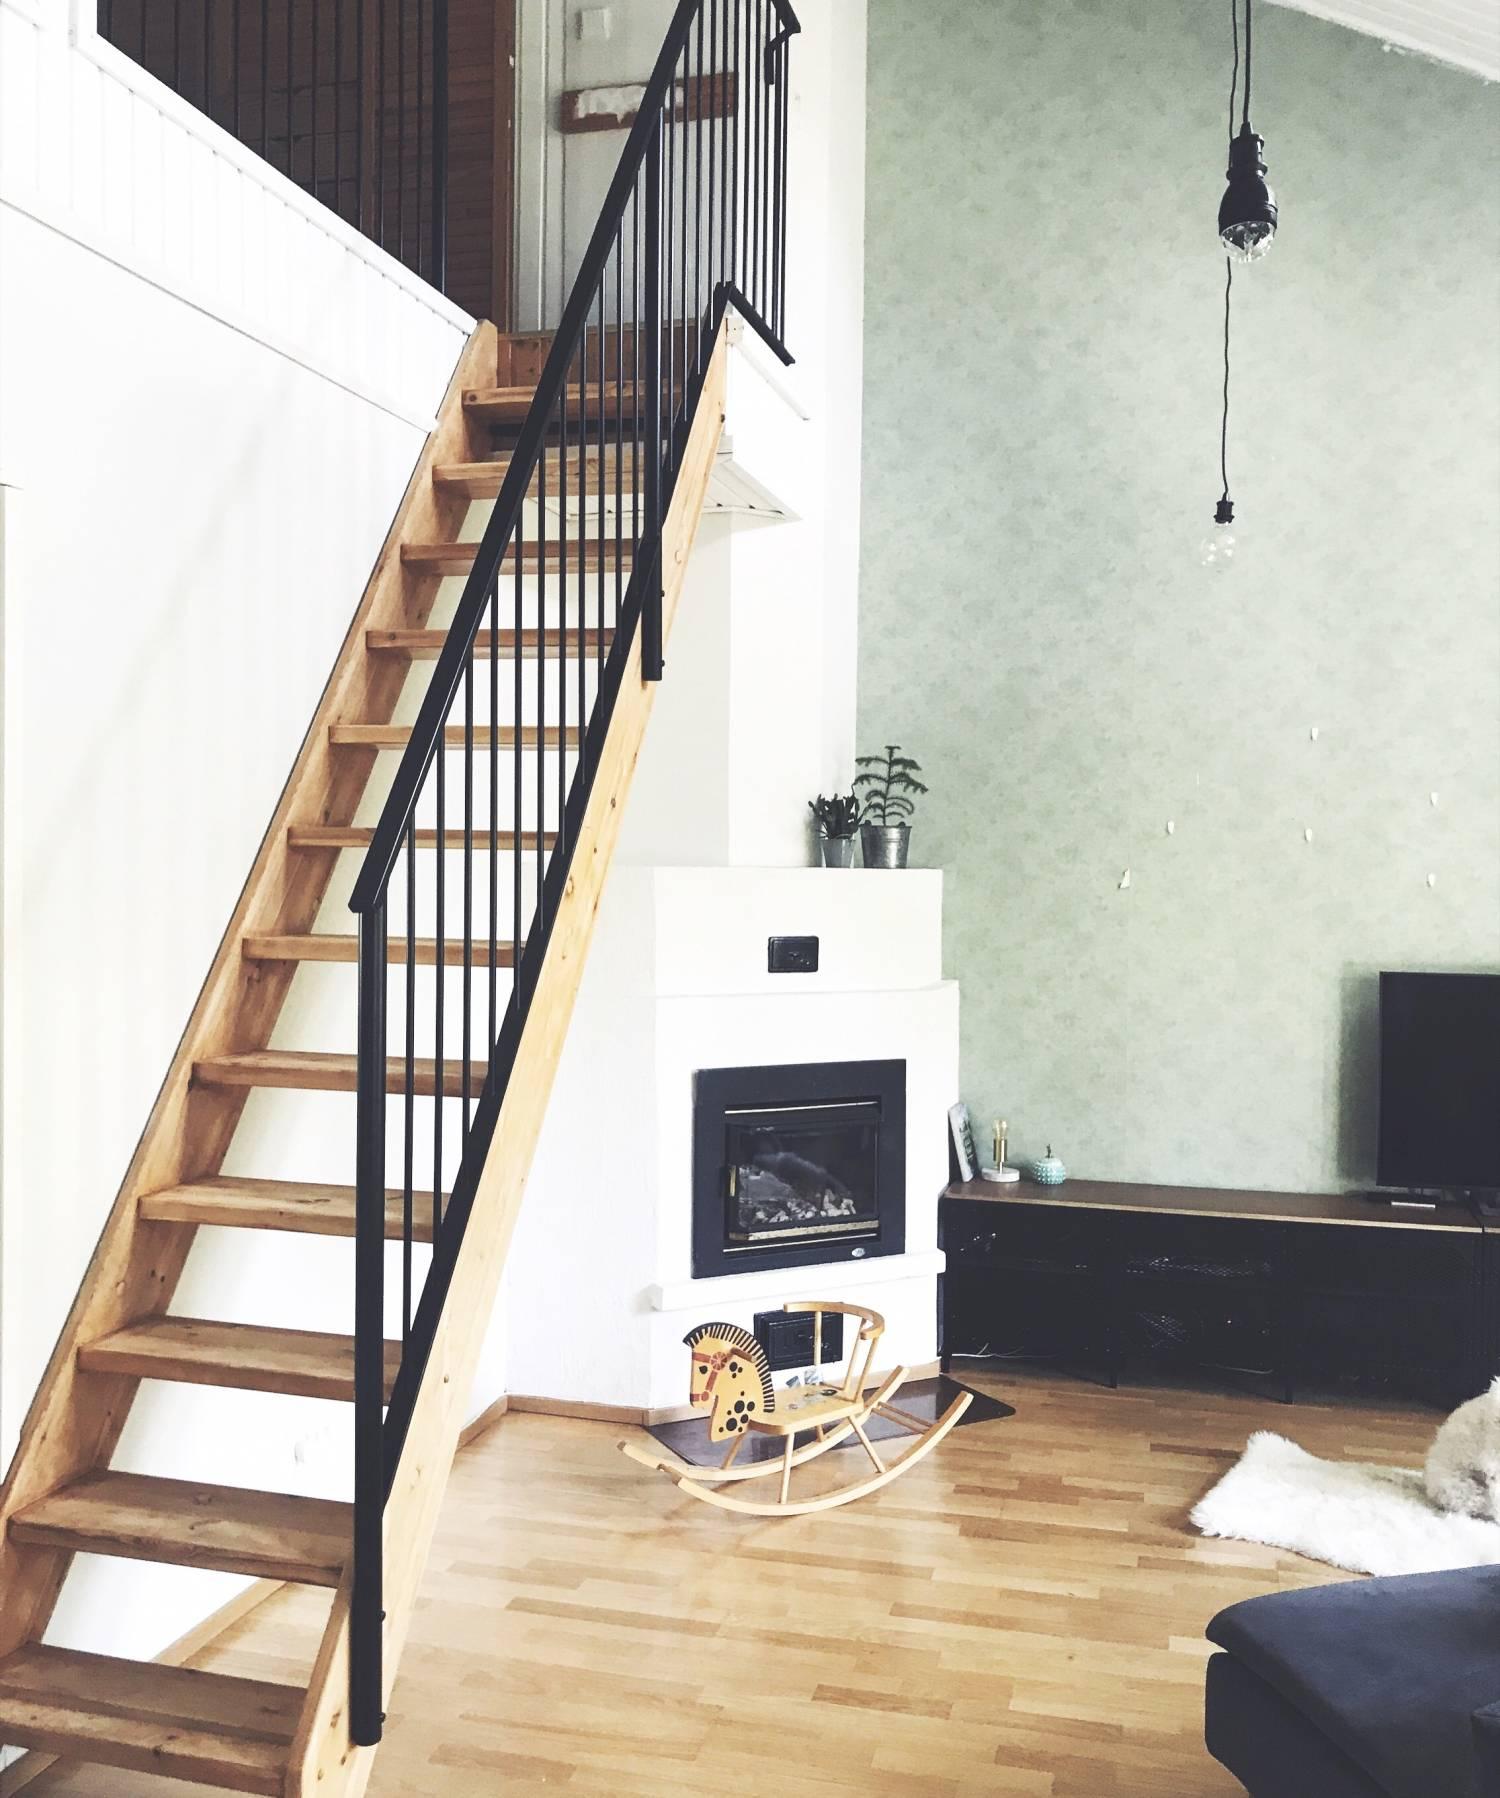 Kotikuvia ja uudet metallikaiteet portaissa